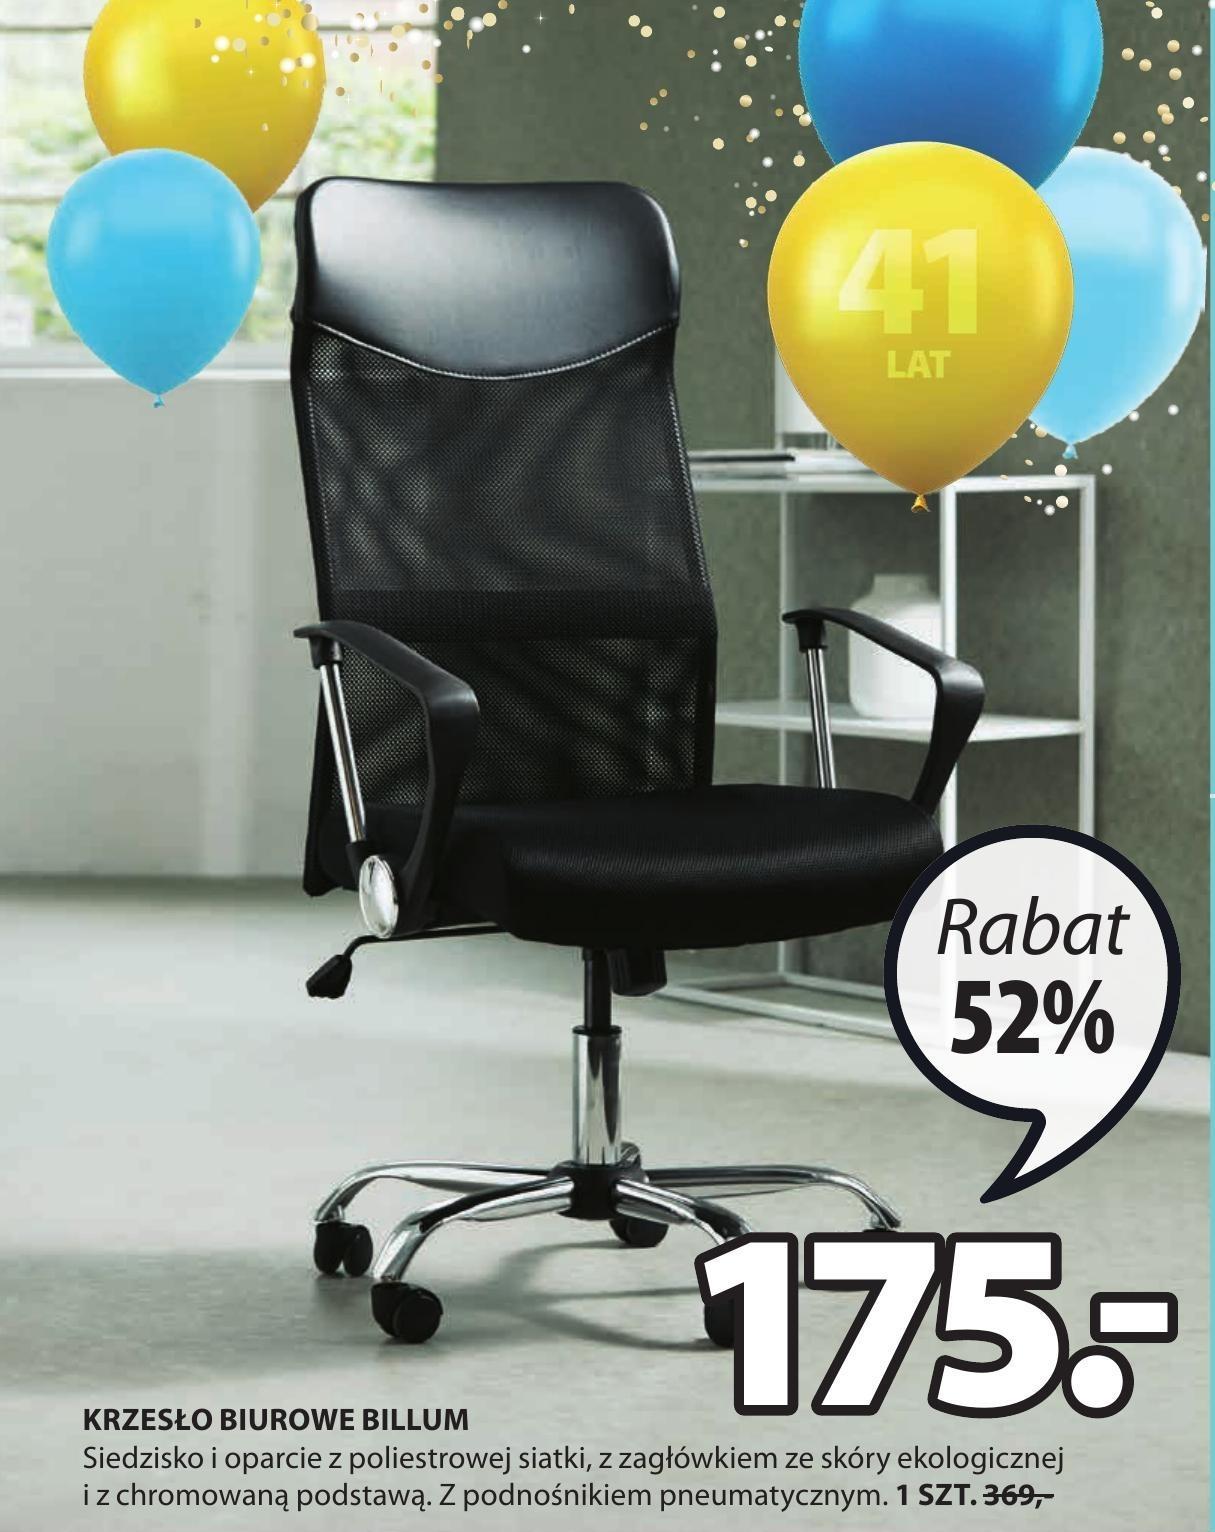 Krzesło biurowe Jysk niska cena